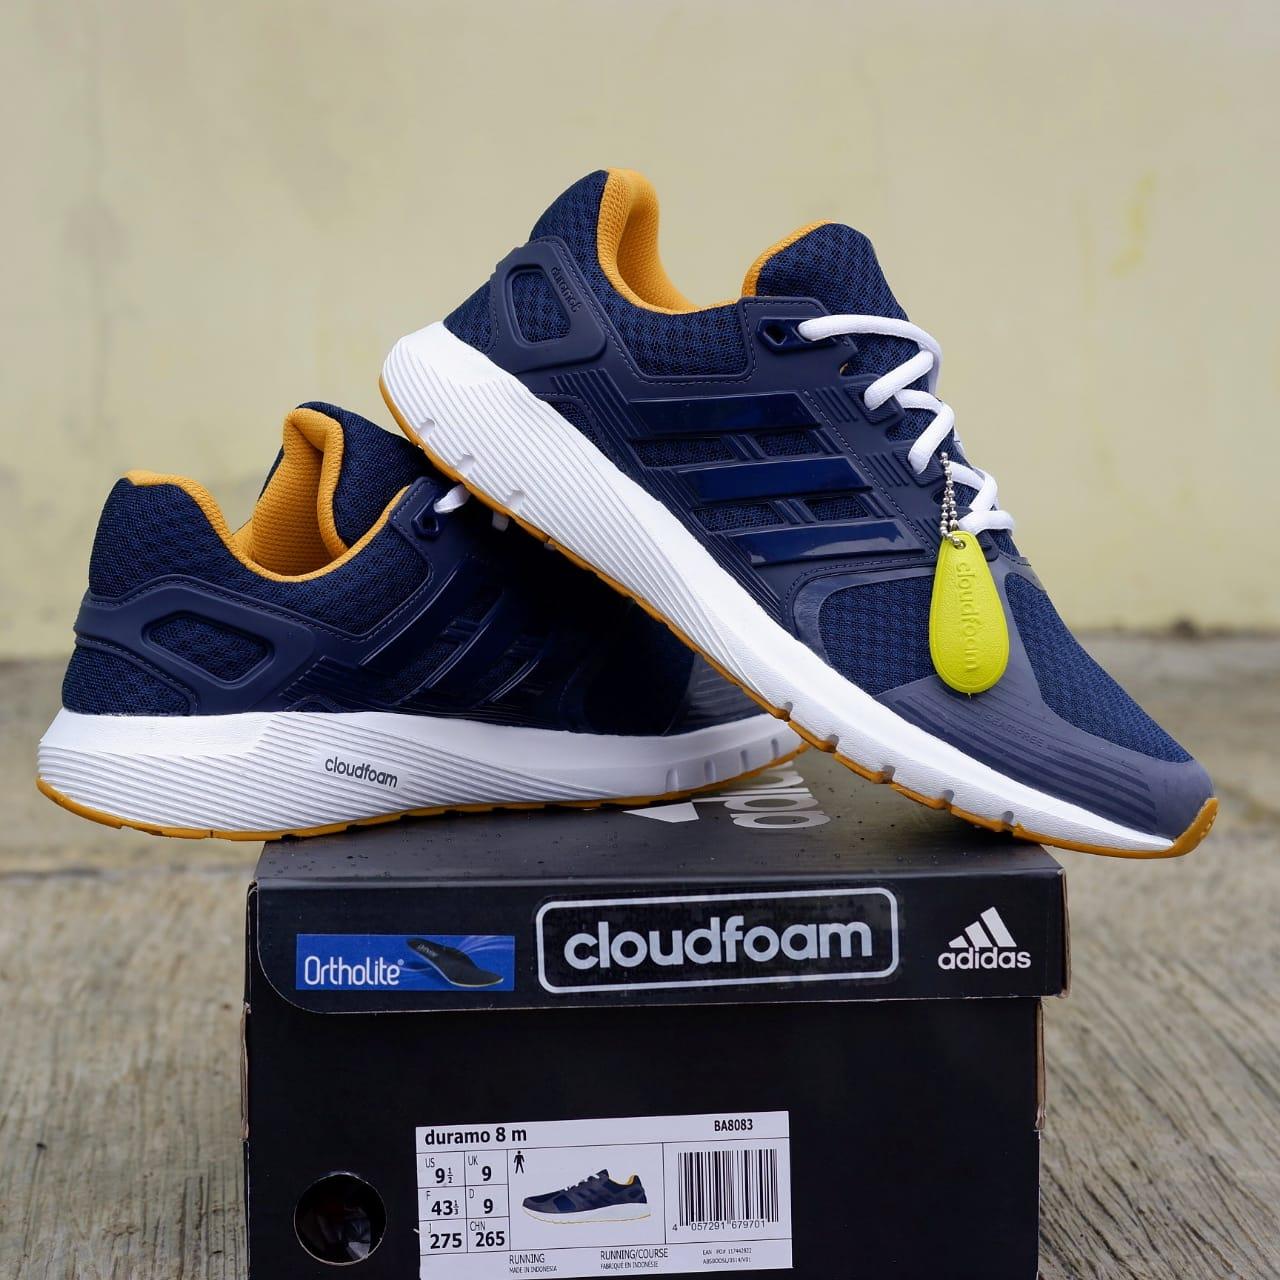 Jual Sepatu Lari Adidas Duramo 8 M Navy 100% Original BNIB! - Toko Adidas f35428ec7f